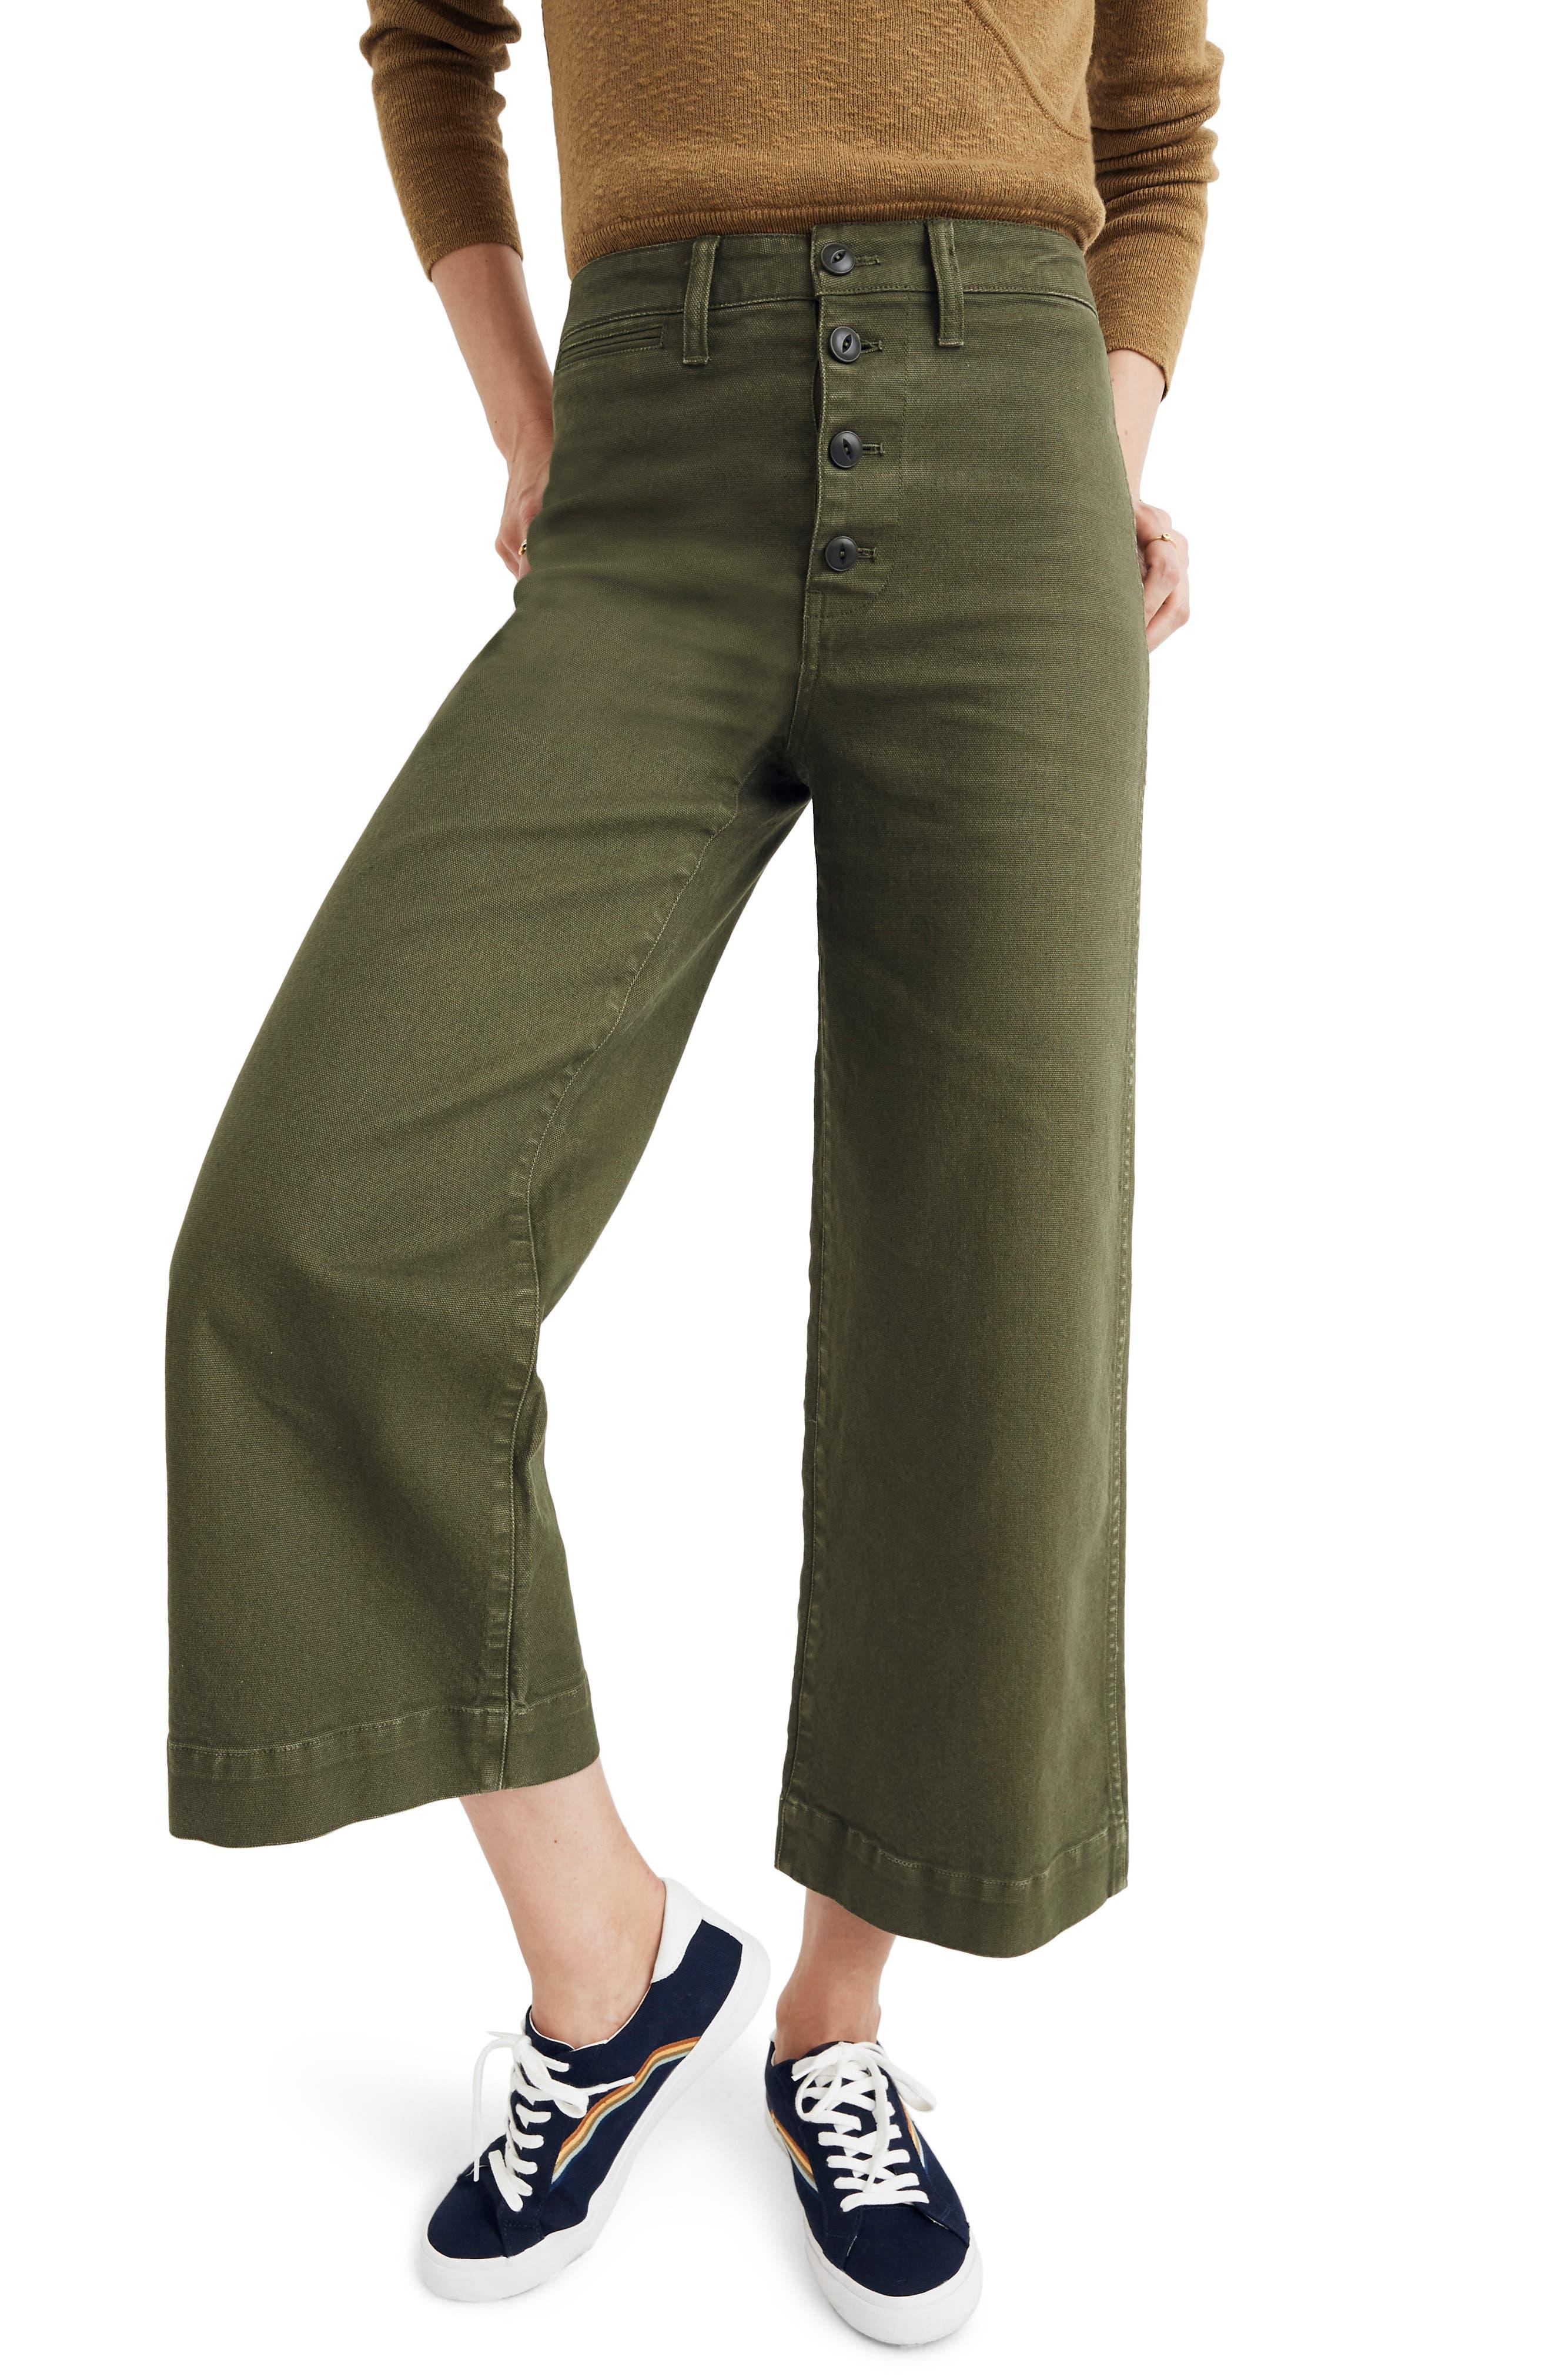 MADEWELL, Emmett Crop Wide Leg Pants, Main thumbnail 1, color, LODEN